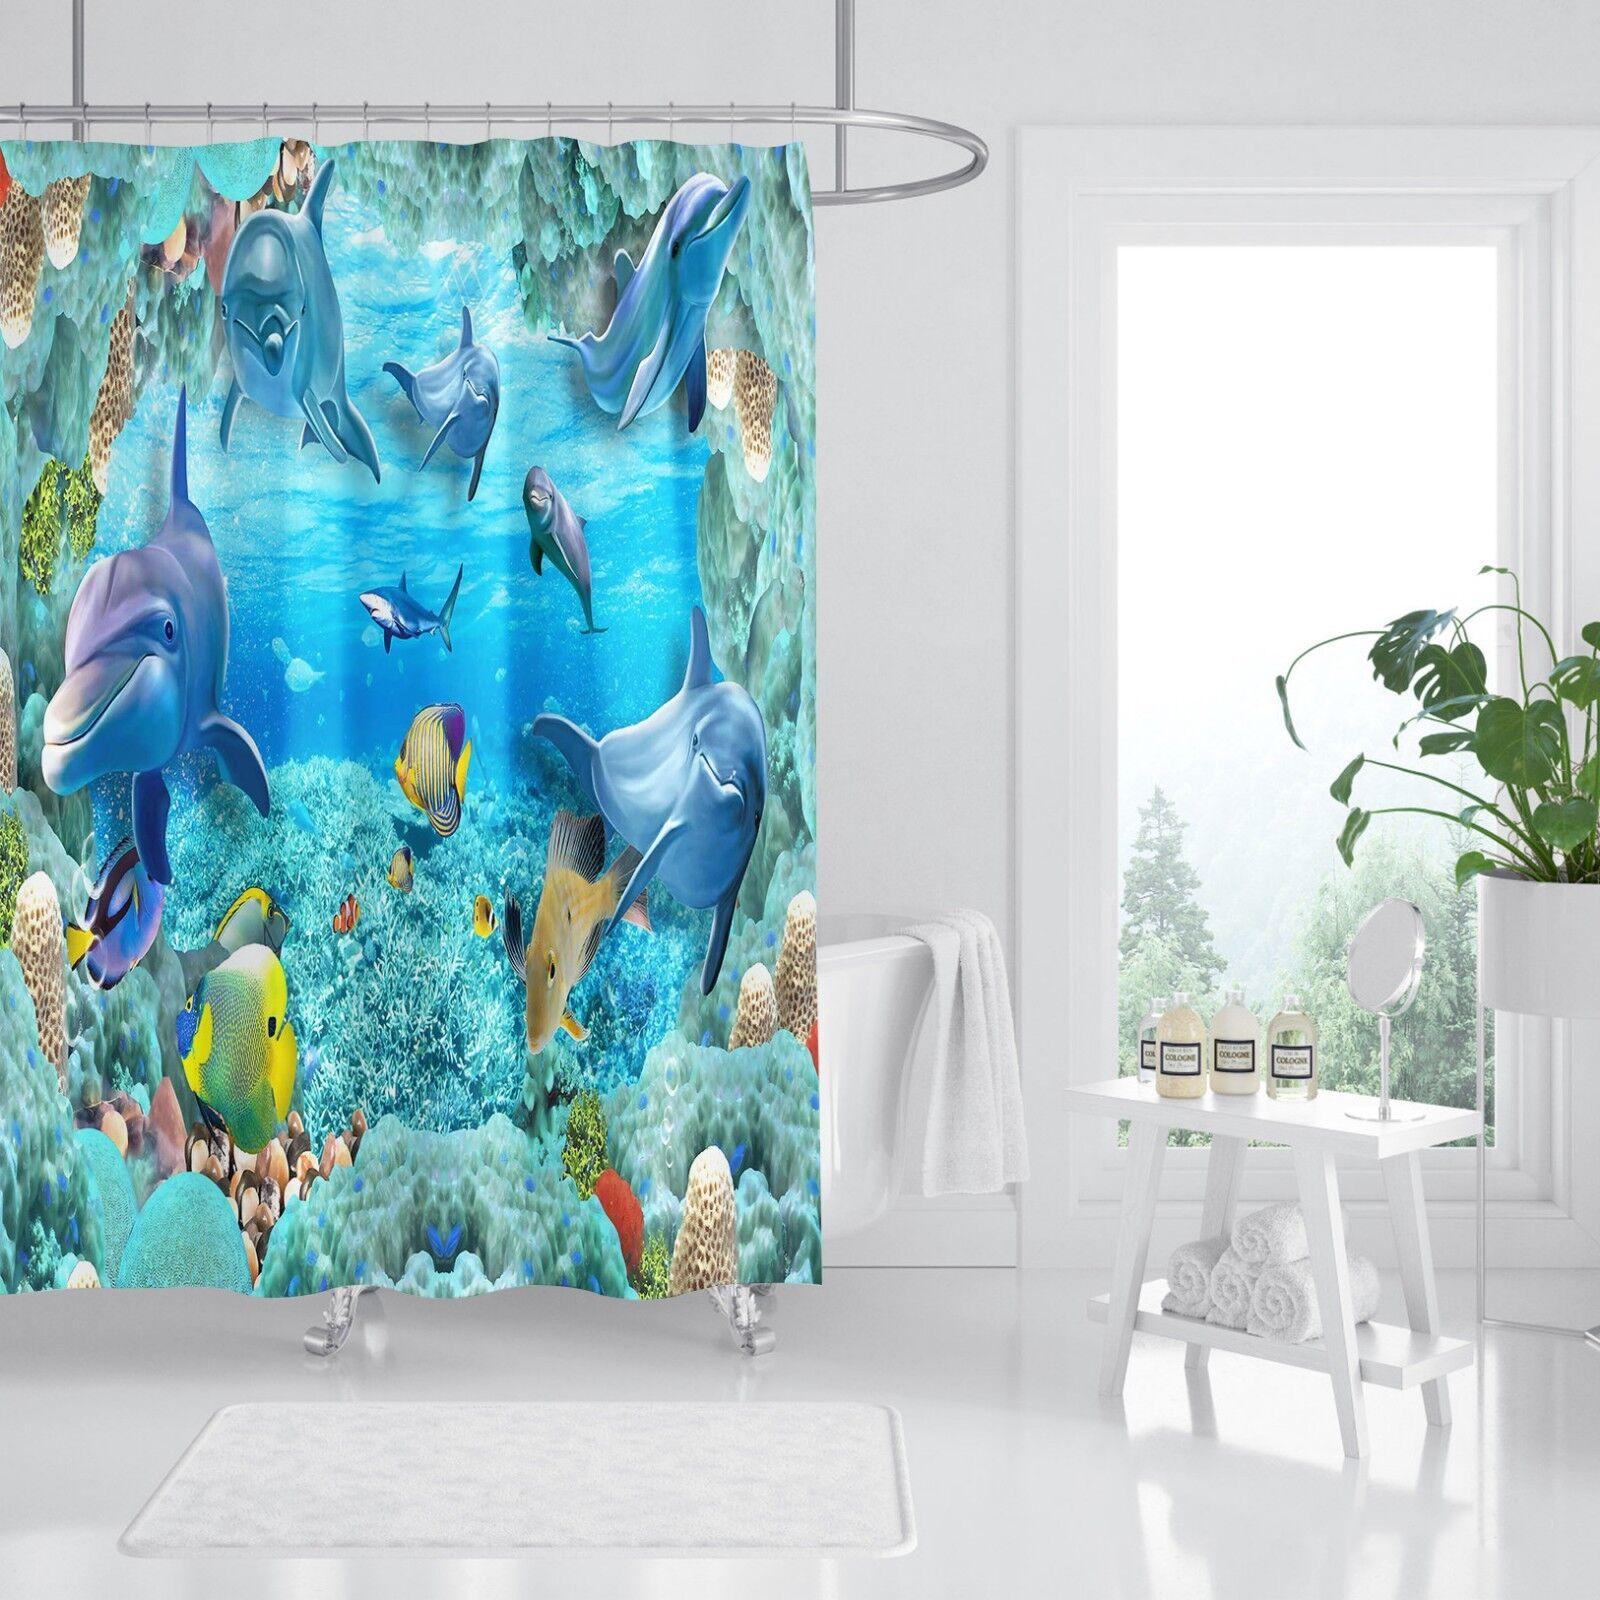 3D Dolphin Sunshine Rideau de Douche Imperméable Fibre Salle de Bain Home Windows Toilette